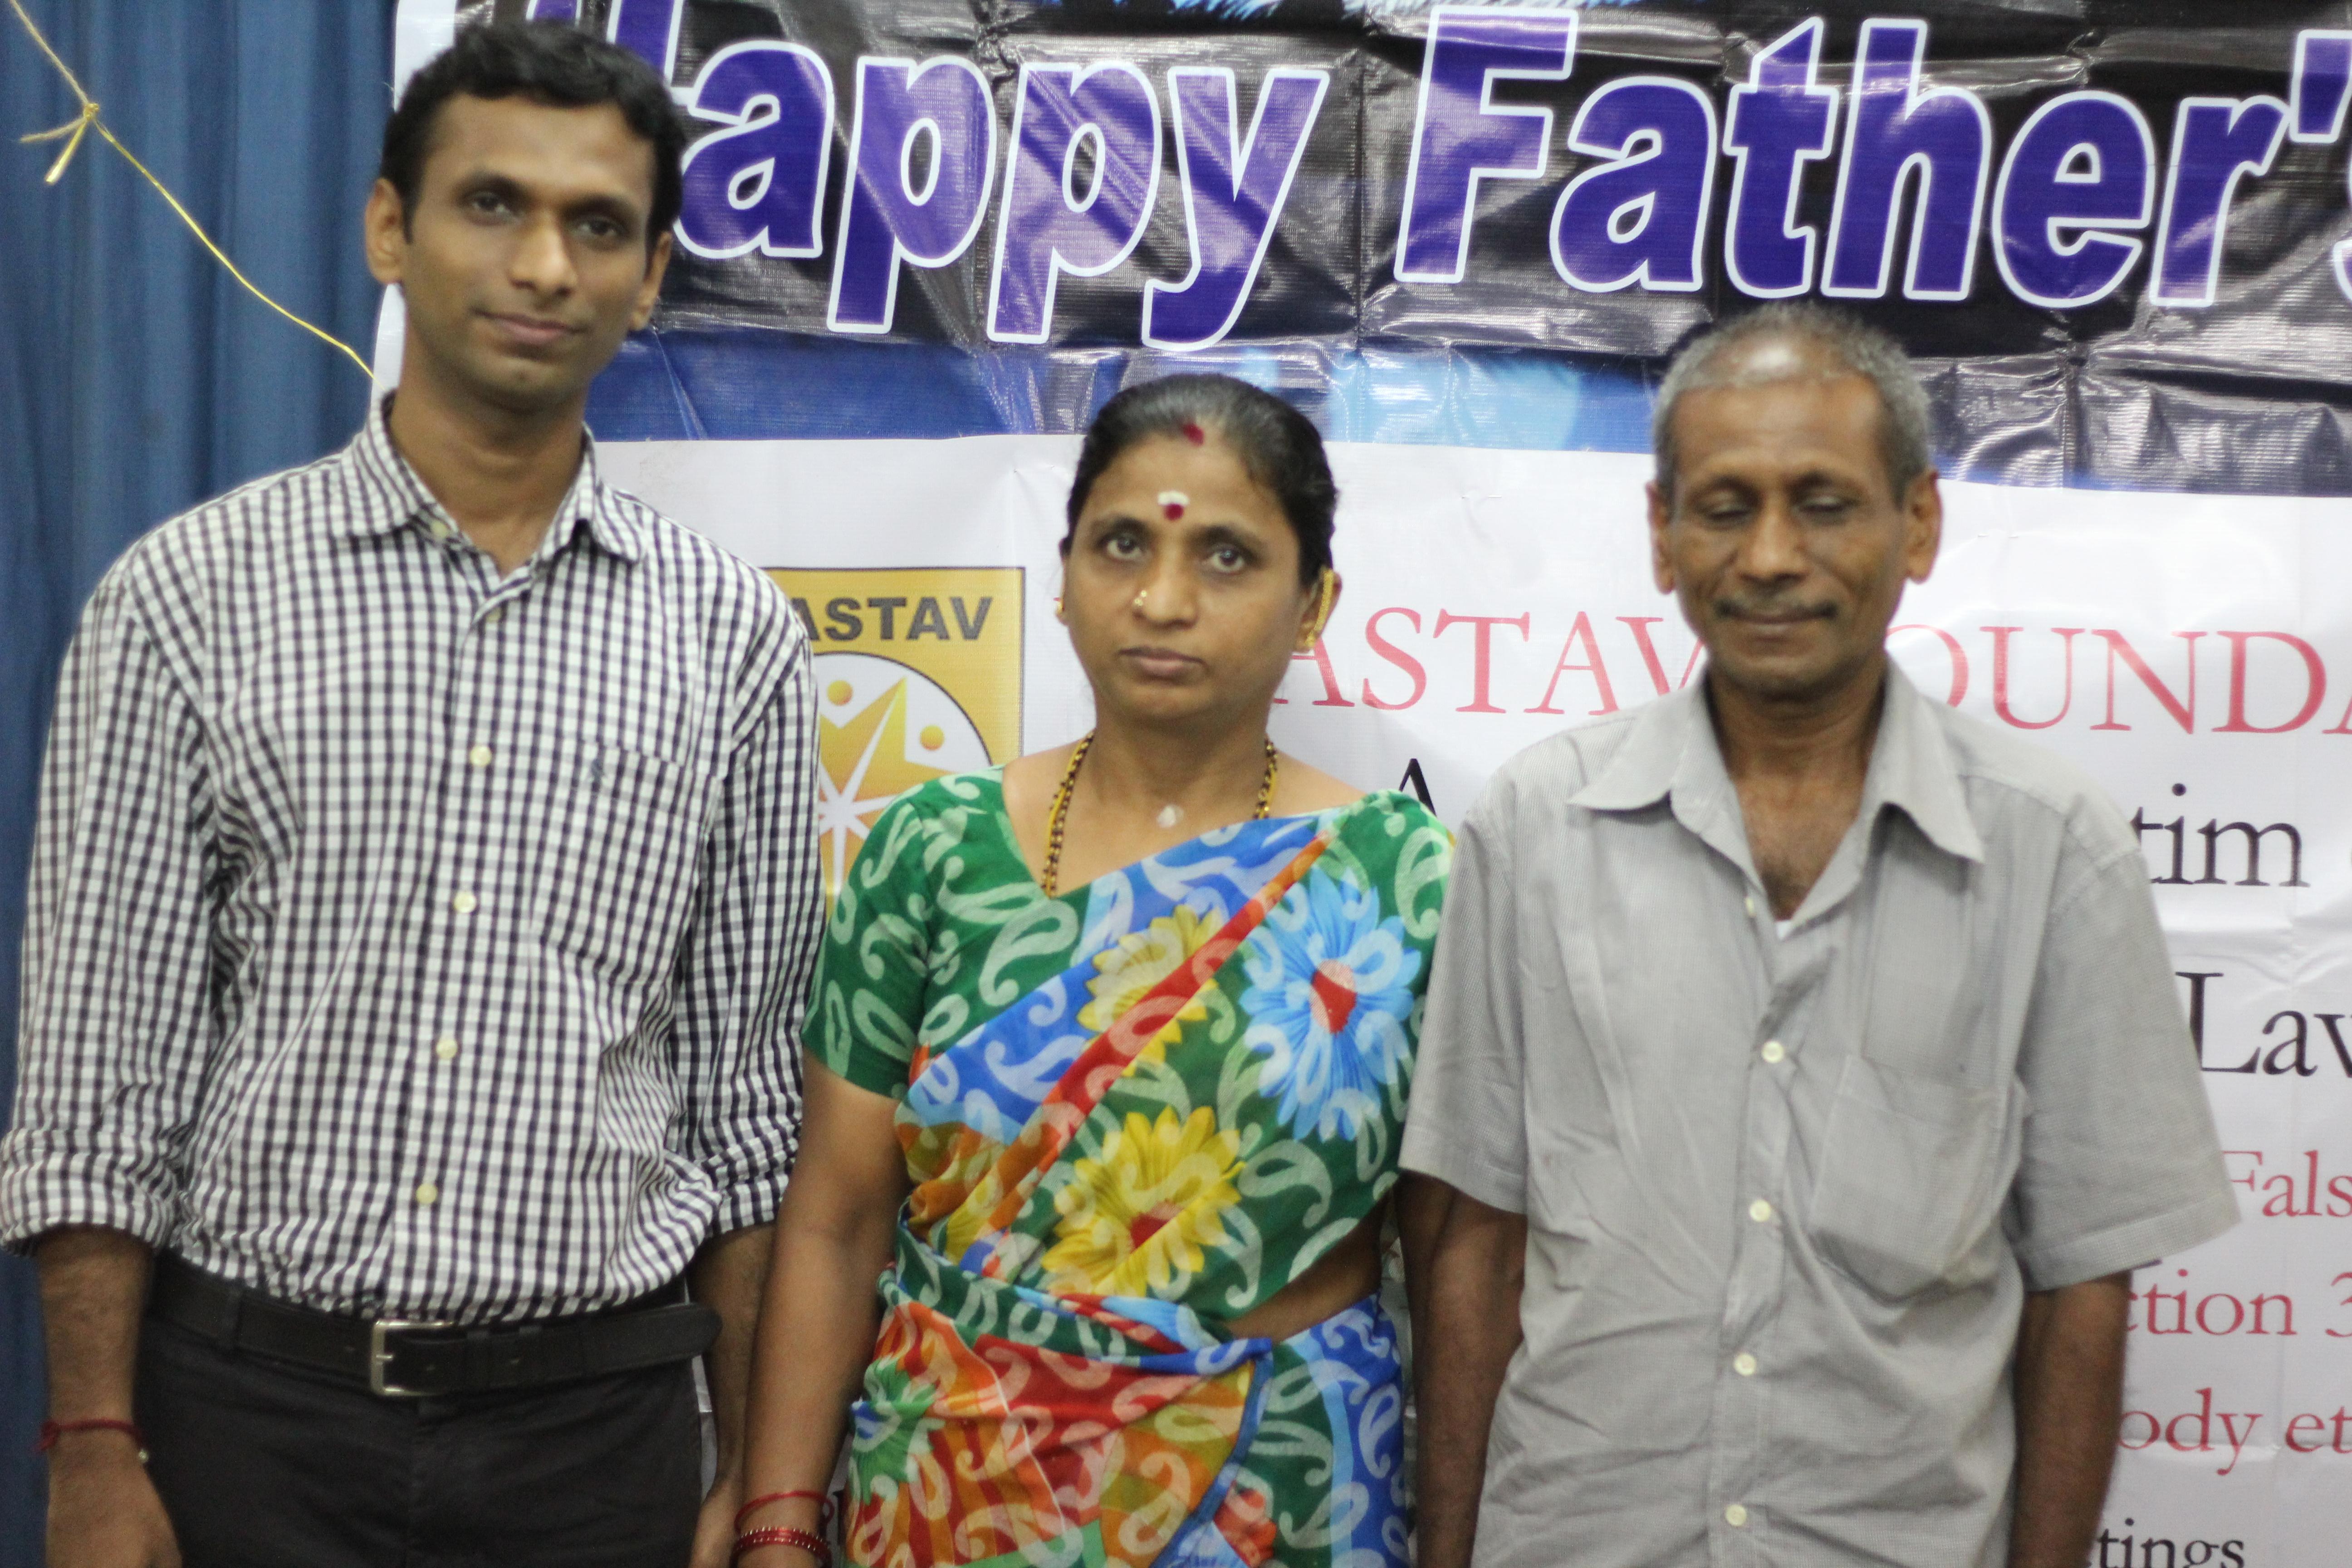 FathersDay2015 by GSat 179